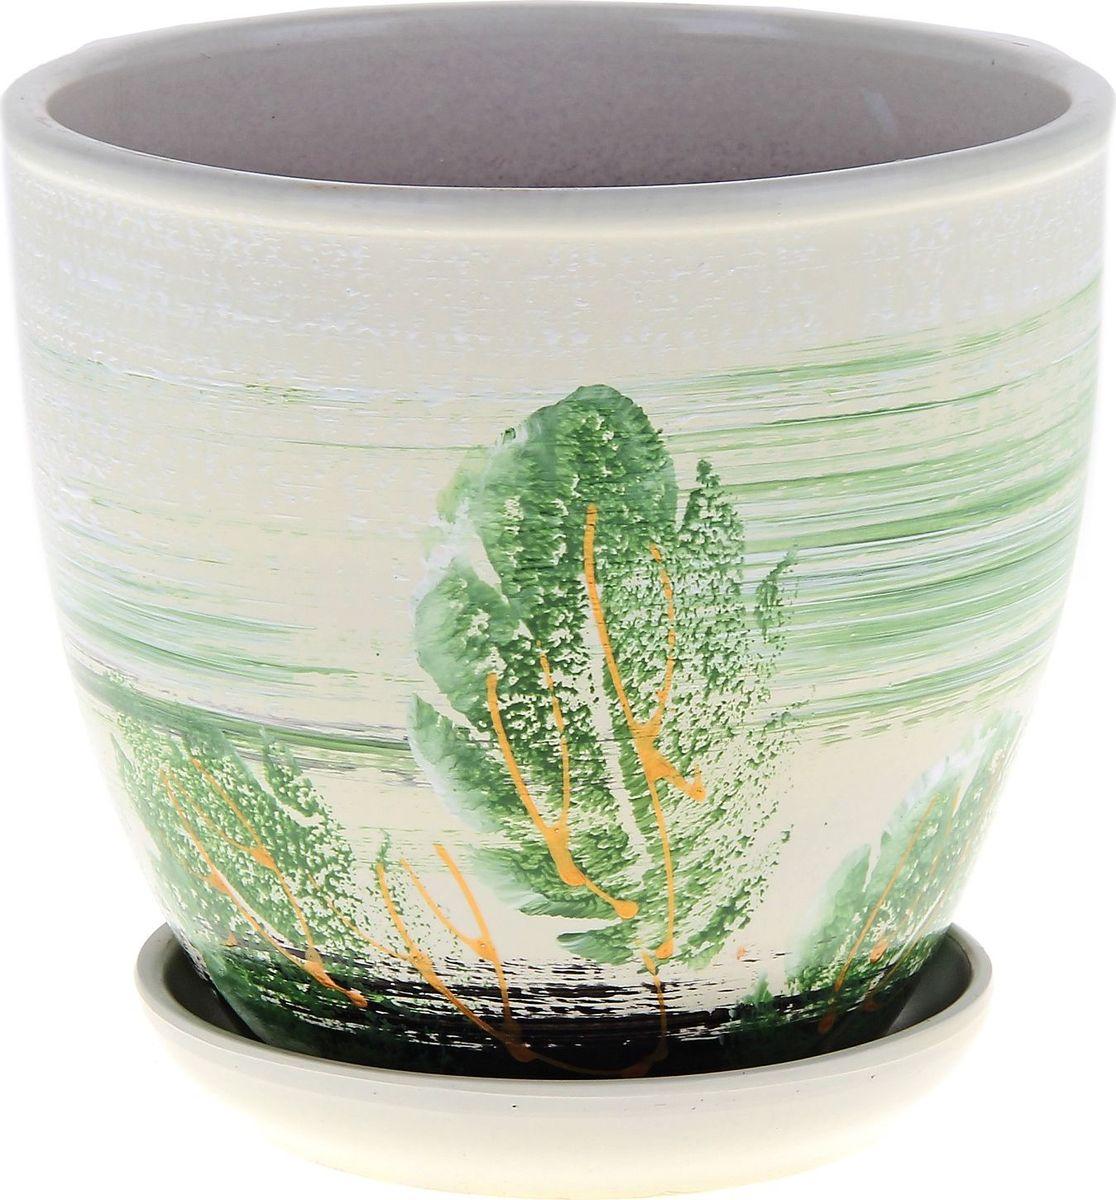 Кашпо Клен, цвет: зеленый, 2,5 л164924Комнатные растения — всеобщие любимцы. Они радуют глаз, насыщают помещение кислородом и украшают пространство. Каждому из них необходим свой удобный и красивый дом. Кашпо из керамики прекрасно подходят для высадки растений: за счёт пластичности глины и разных способов обработки существует великое множество форм и дизайновпористый материал позволяет испаряться лишней влагевоздух, необходимый для дыхания корней, проникает сквозь керамические стенки! #name# позаботится о зелёном питомце, освежит интерьер и подчеркнёт его стиль.